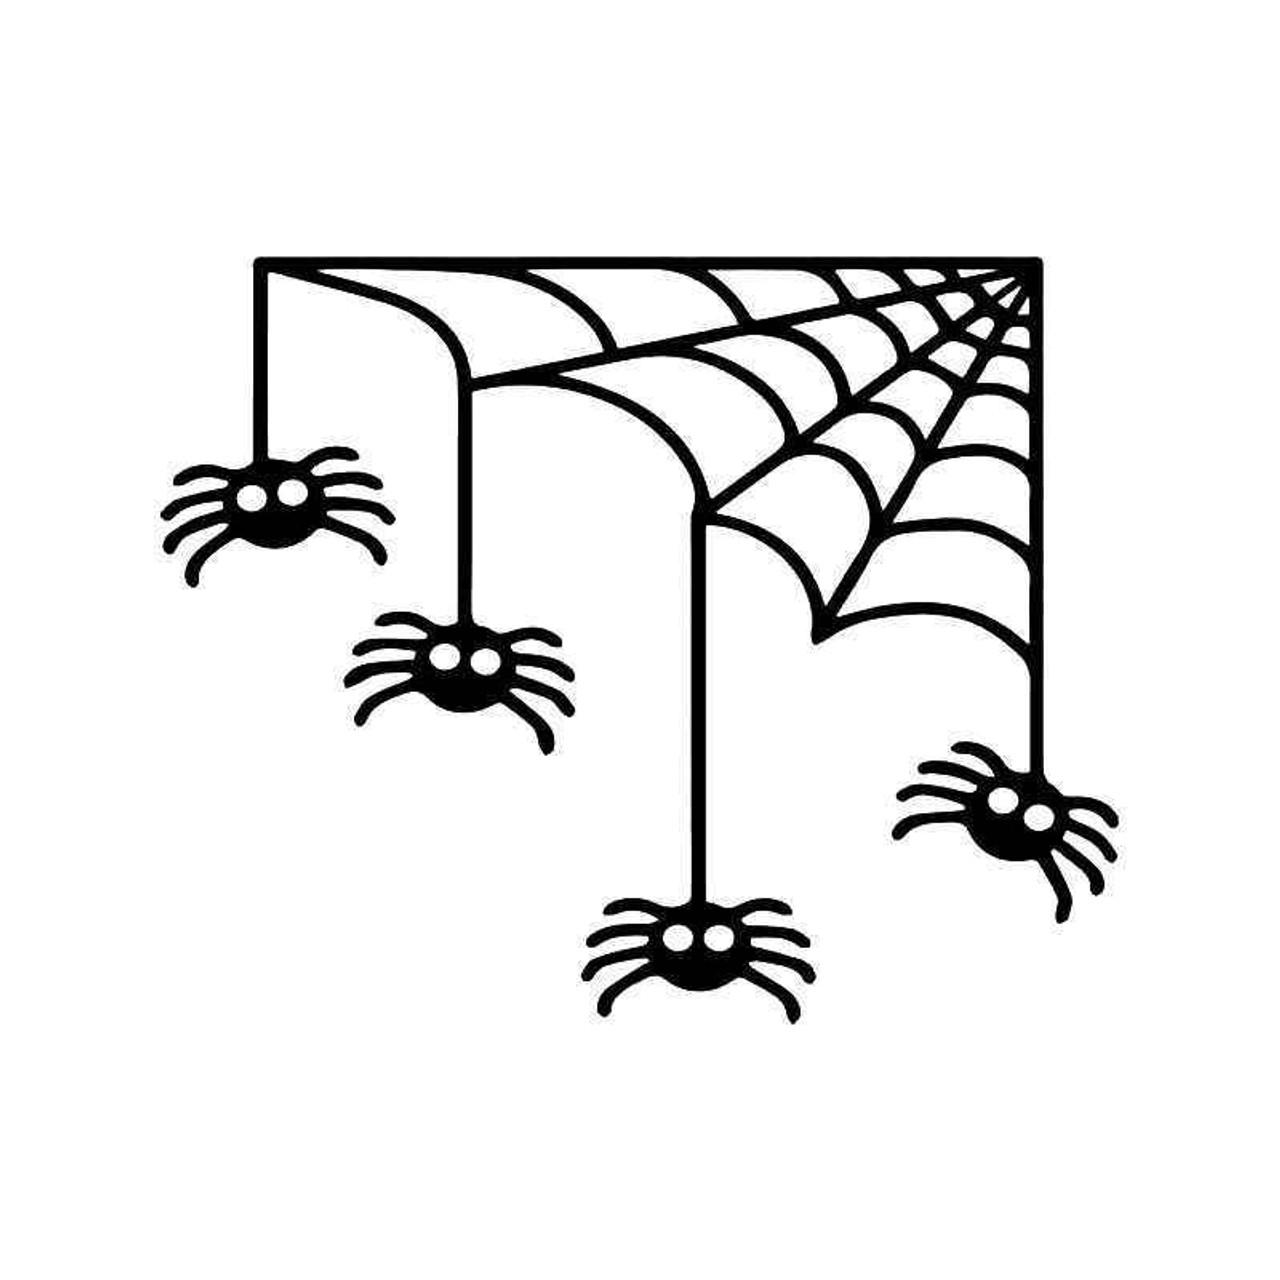 Halloween Spider Web Vinyl Sticker